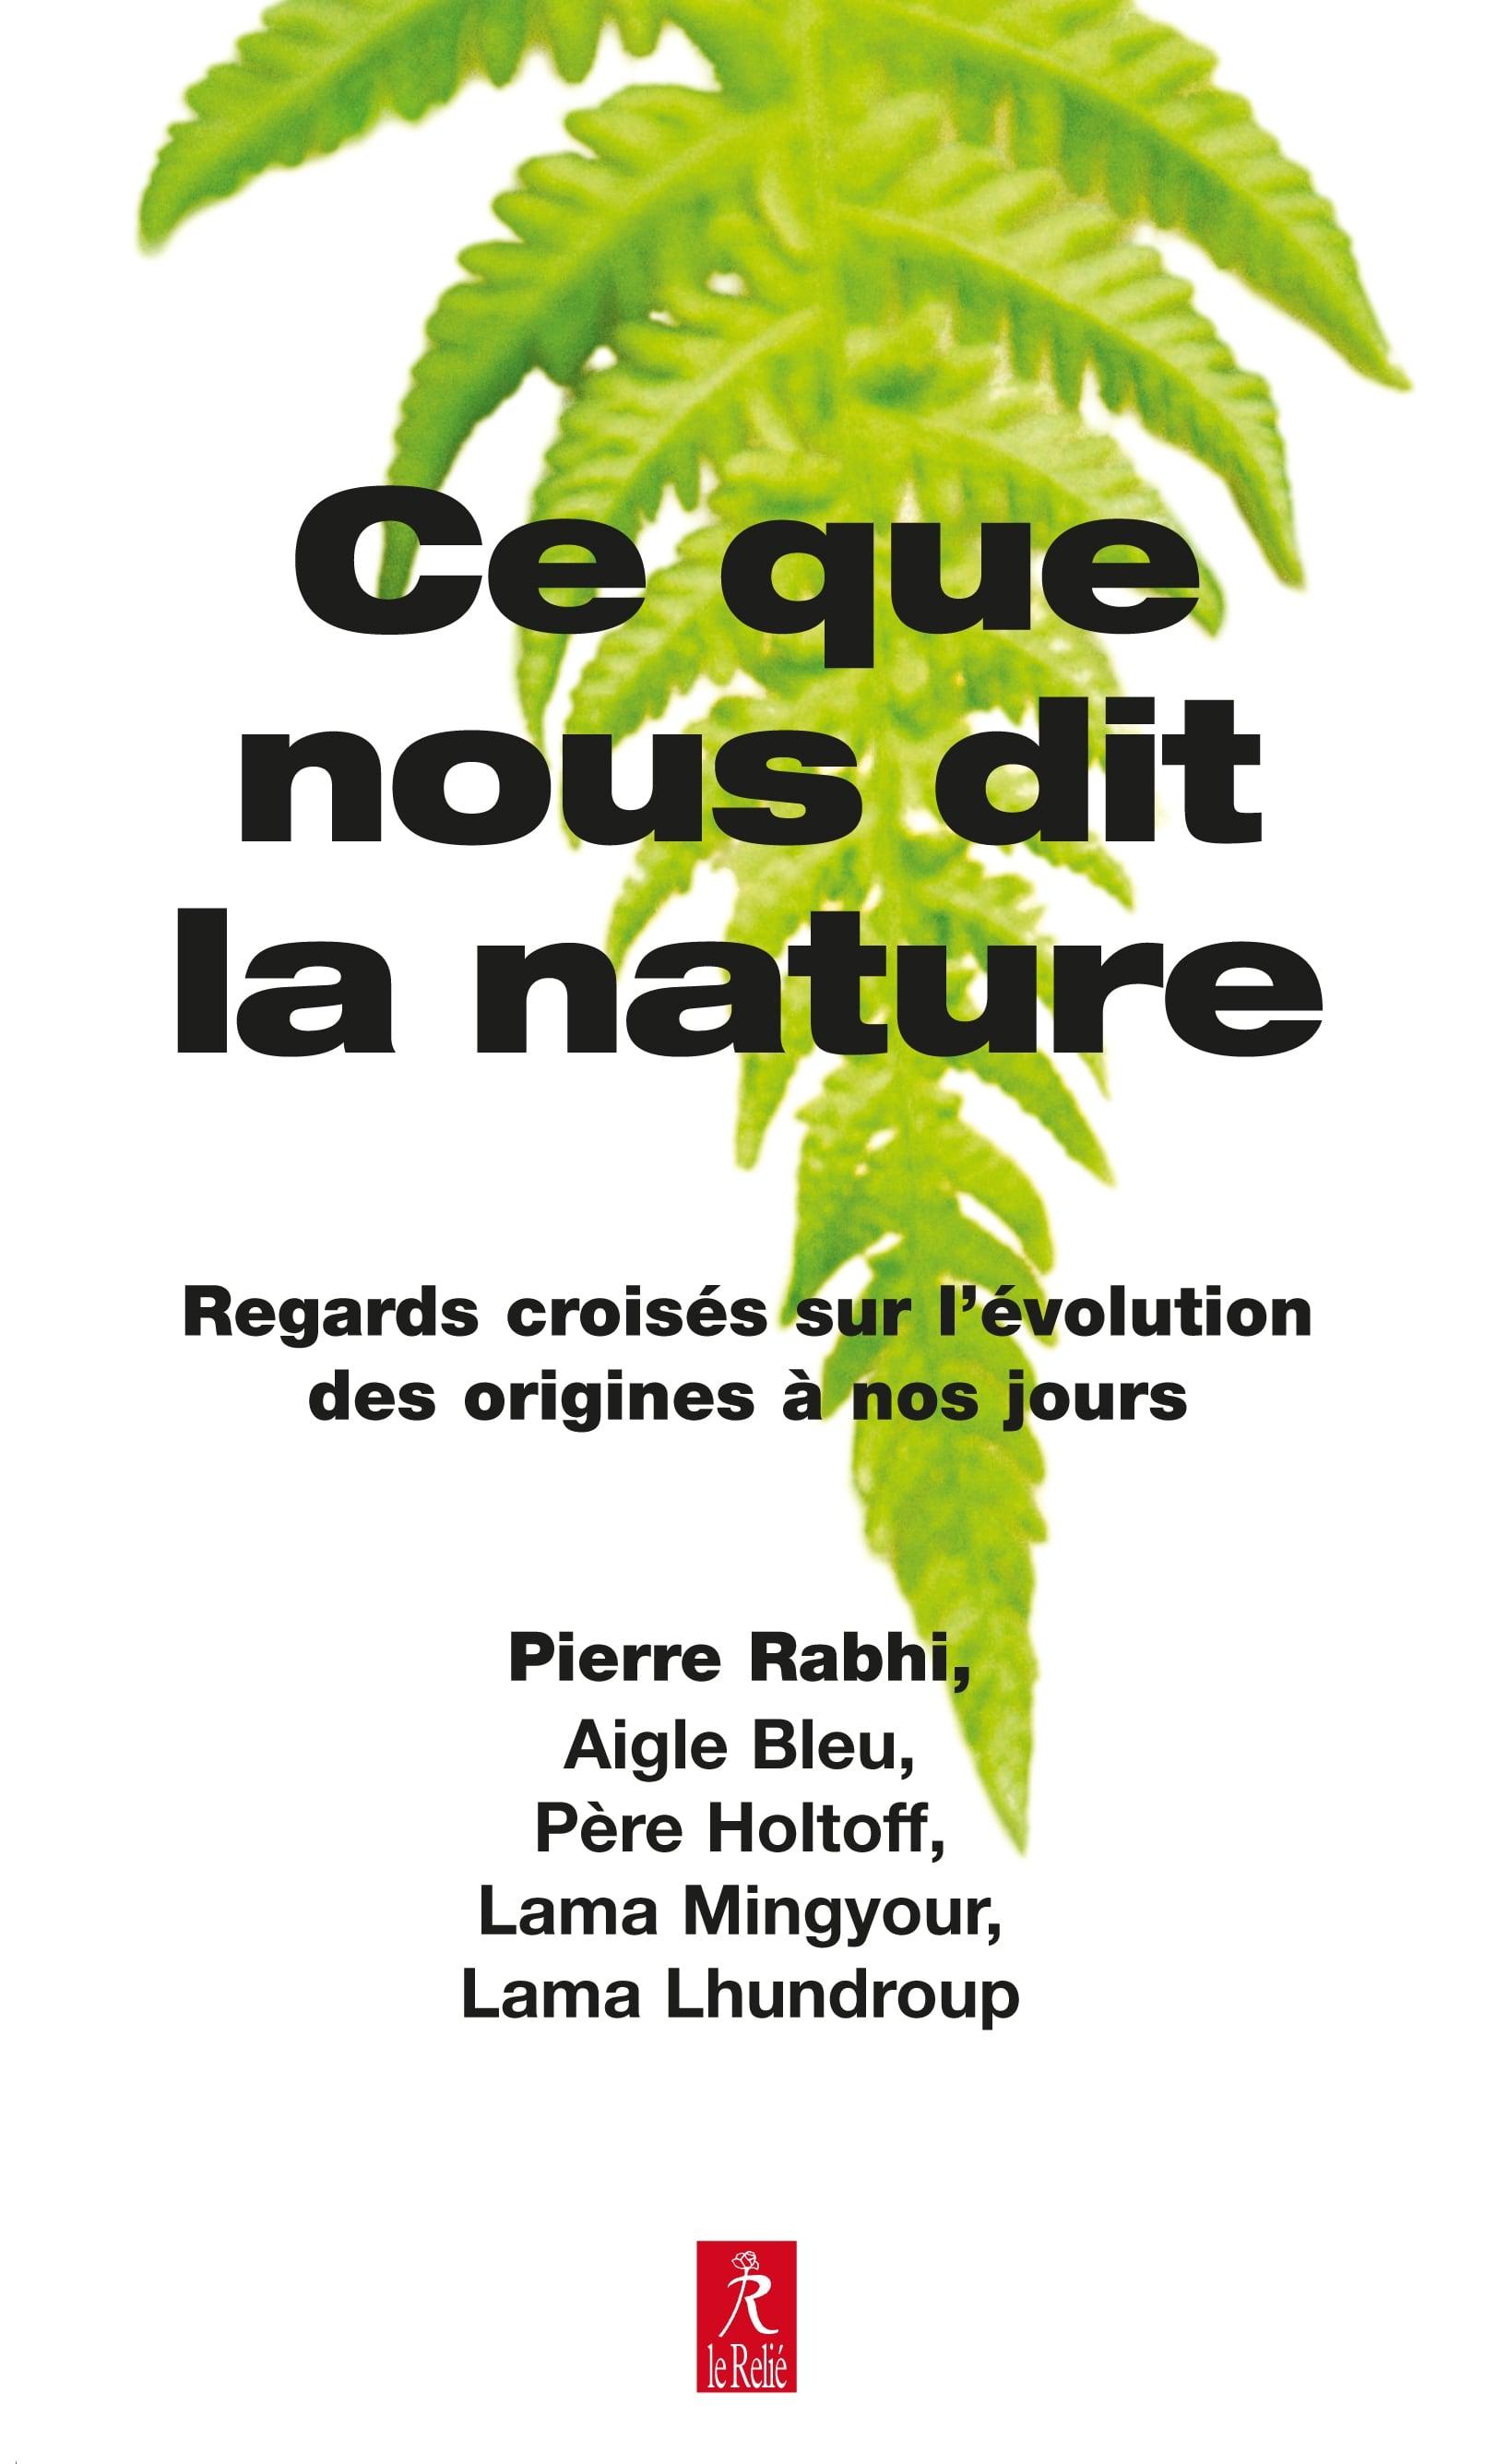 ce-que-nous-dit-la-nature-pierre-rabhi-editions-du-relie